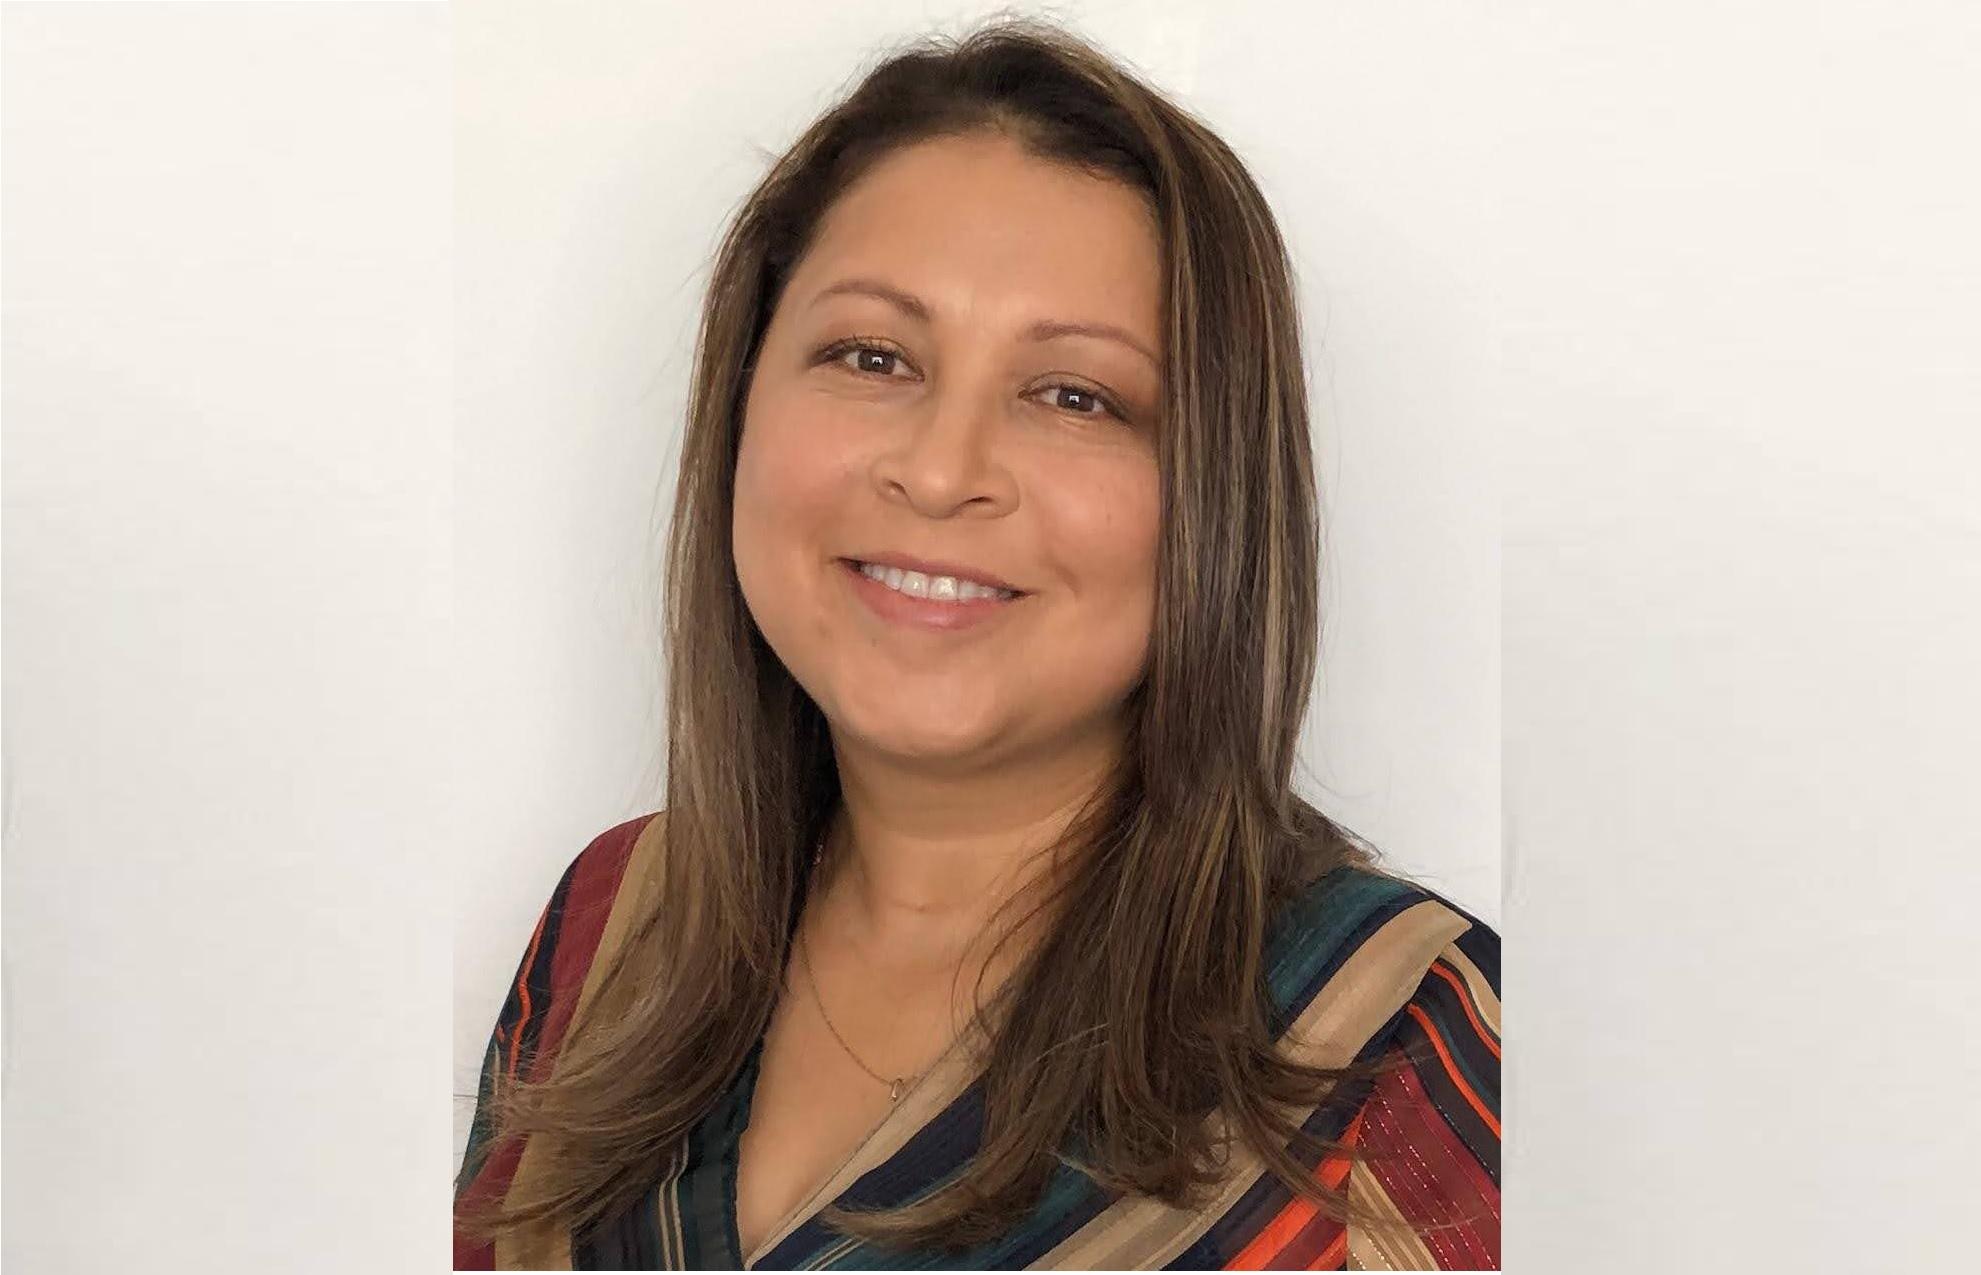 Bárbara Quiroga, experta en teletrabajo y gerente de Libesty Gestión Humana. Foto: cortesía.